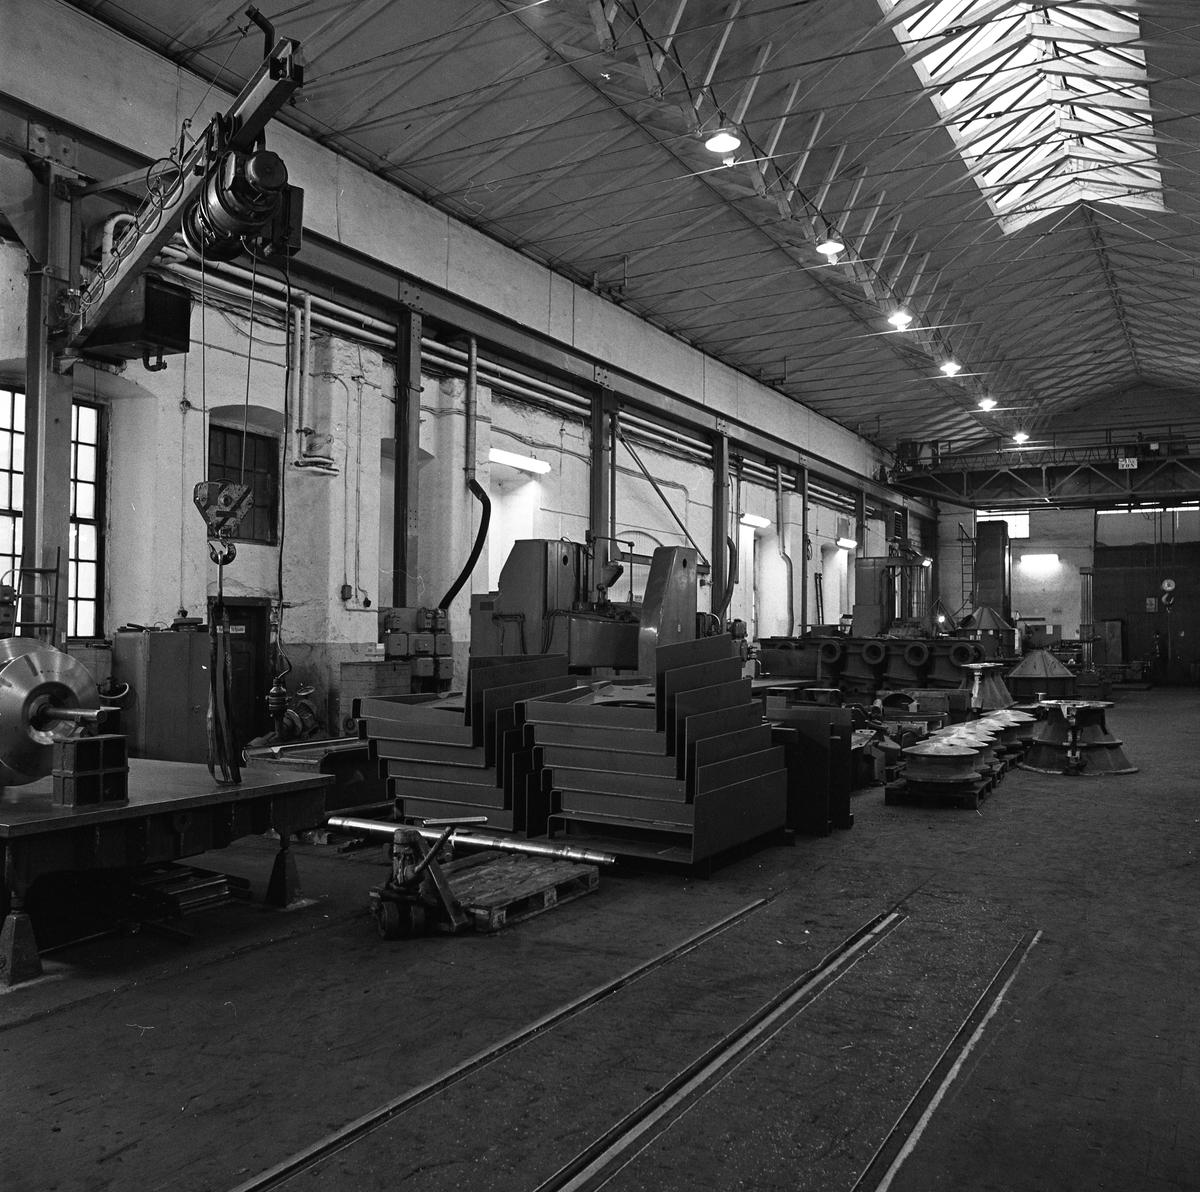 Arboga Mekaniska Verkstad, interiör från maskinverkstad och monteringsavdelning Travers i taket, lastpallar.  25 september 1856 fick AB Arboga Mekaniska Verkstad rättigheter att anlägga järngjuteri och mekanisk verkstad. Verksamheten startade 1858. Meken var först i landet med att installera en elektrisk motor för drift av verktygsmaskiner vid en taktransmission (1887).  Gjuteriet lades ner 1967. Den mekaniska verkstaden lades ner på 1980-talet. Läs om Meken i Hembygdsföreningen Arboga Minnes årsbok från 1982.